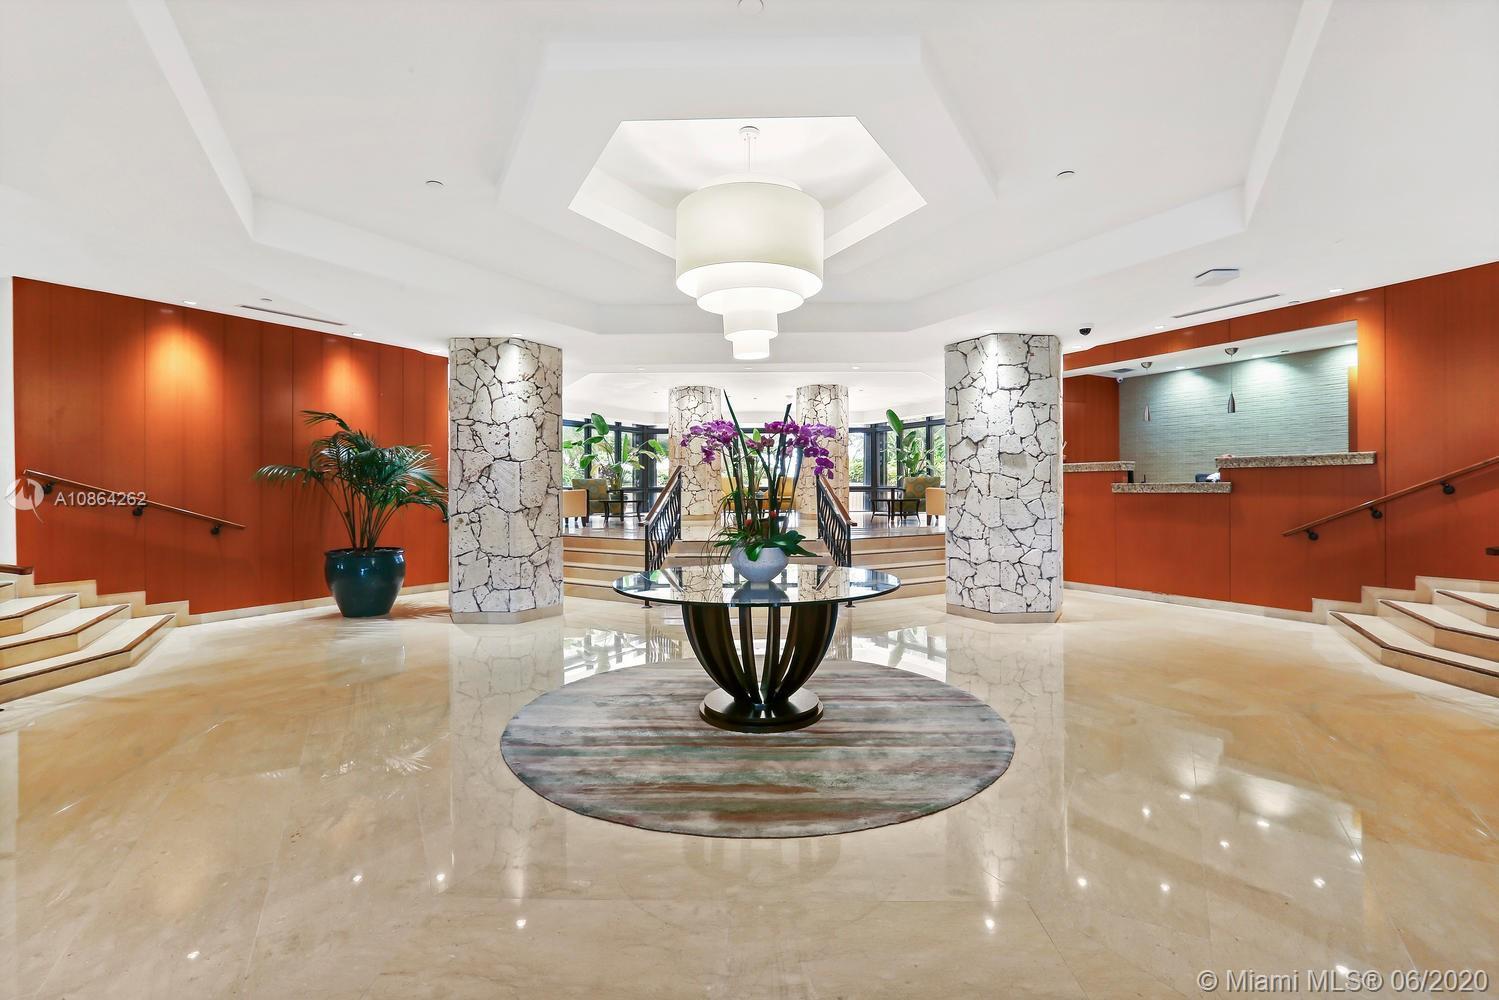 1121 Crandon Blvd # E606, Key Biscayne, Florida 33149, 2 Bedrooms Bedrooms, ,2 BathroomsBathrooms,Residential,For Sale,1121 Crandon Blvd # E606,A10864262